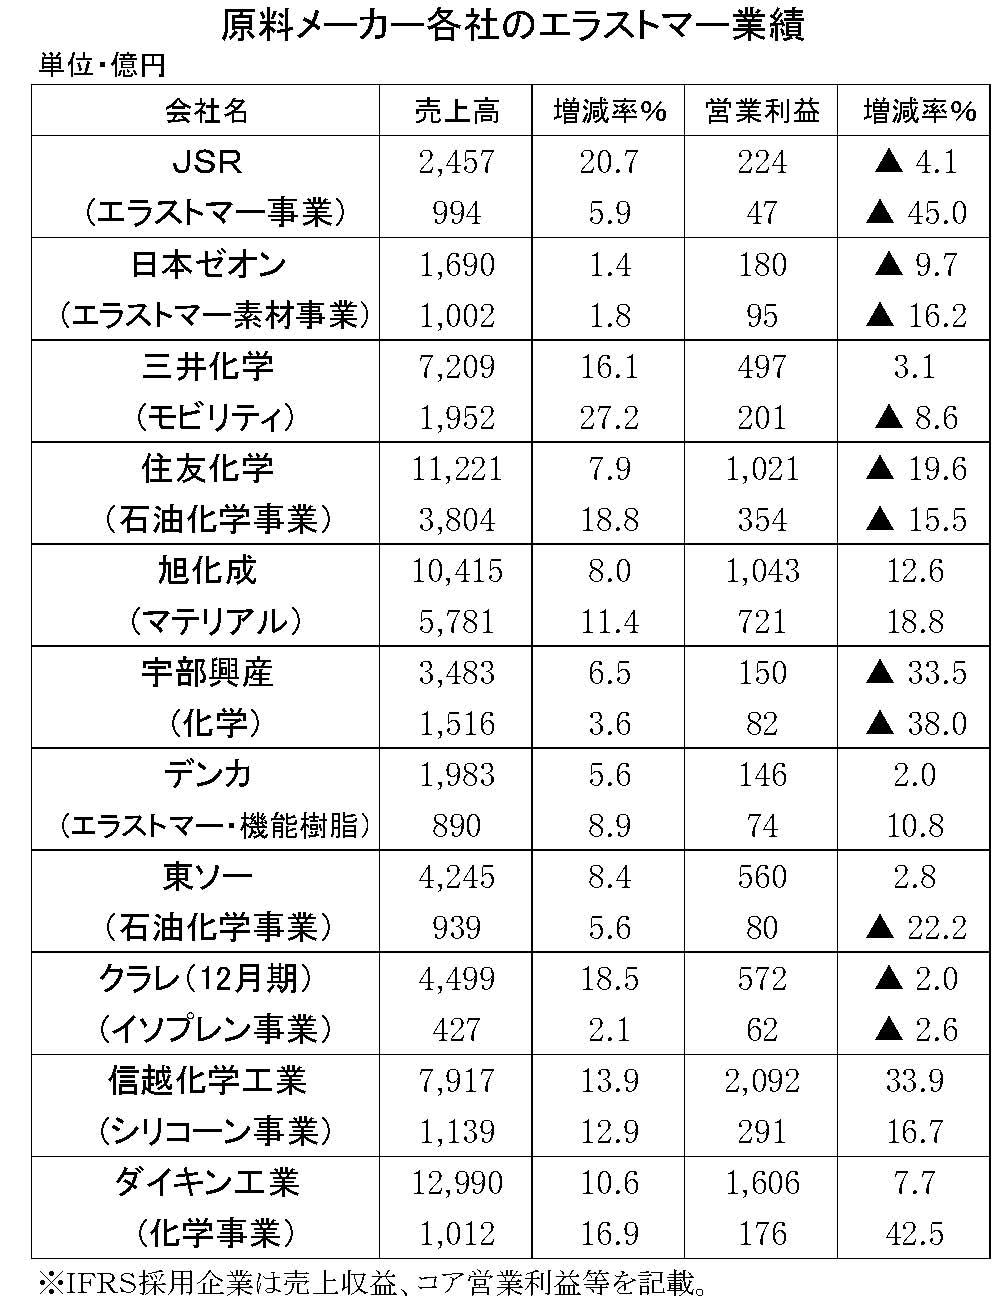 44 2019年3月期中間 原料メーカーの業績